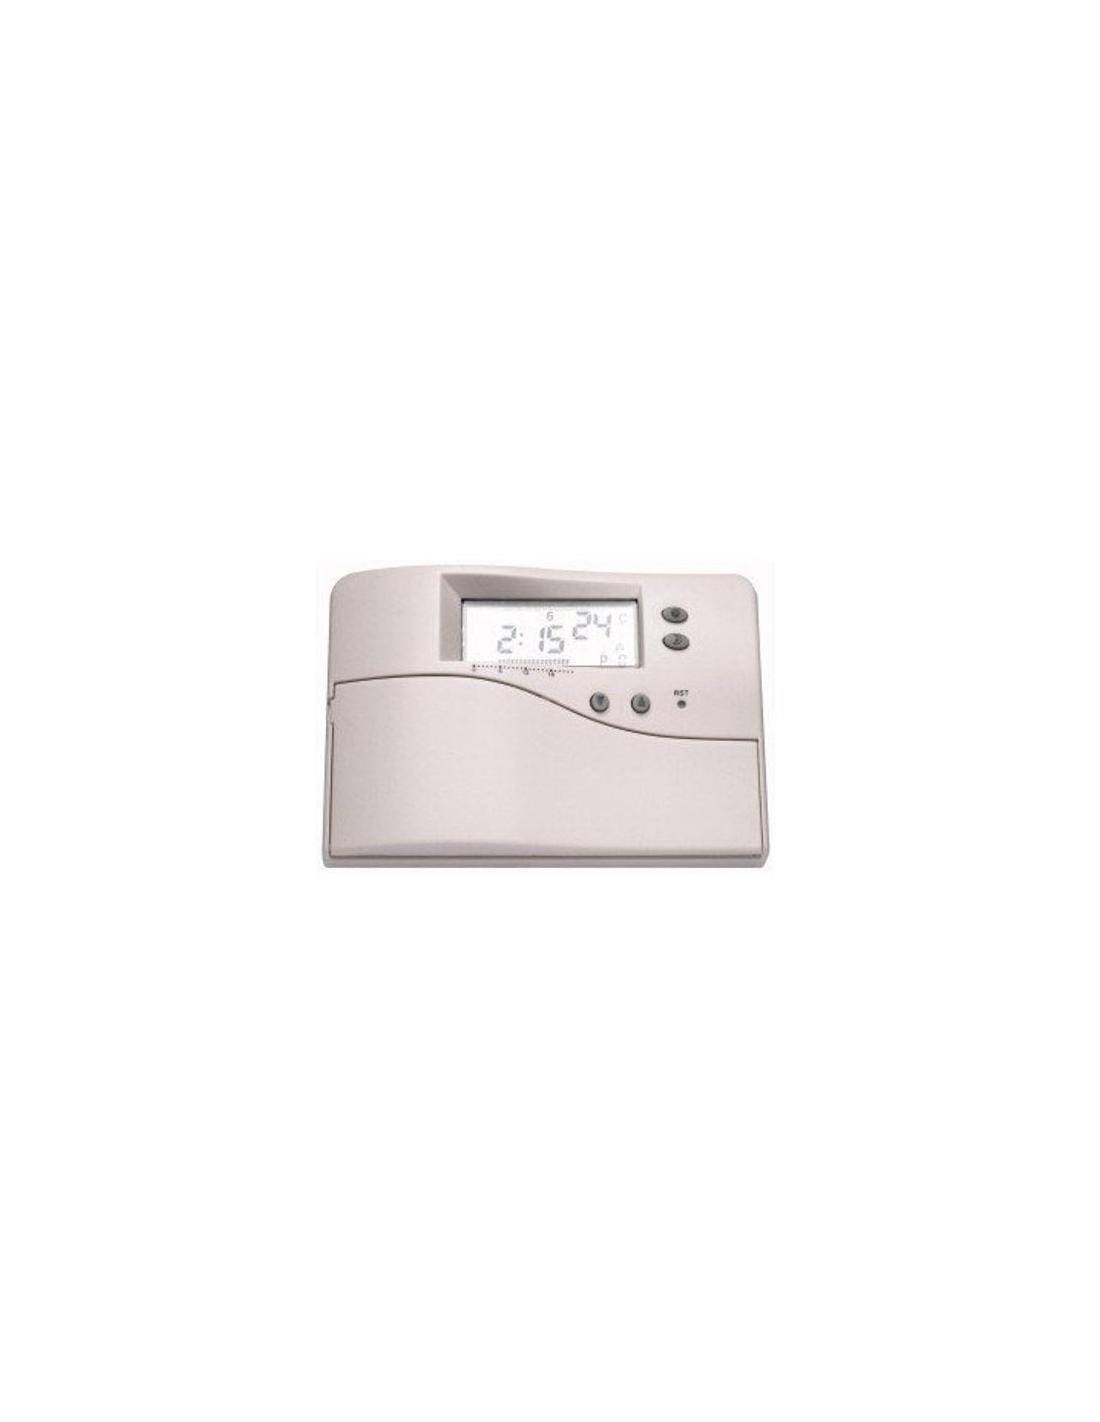 Cronotermostato programmabile wexcel lt08 for Obi cronotermostato